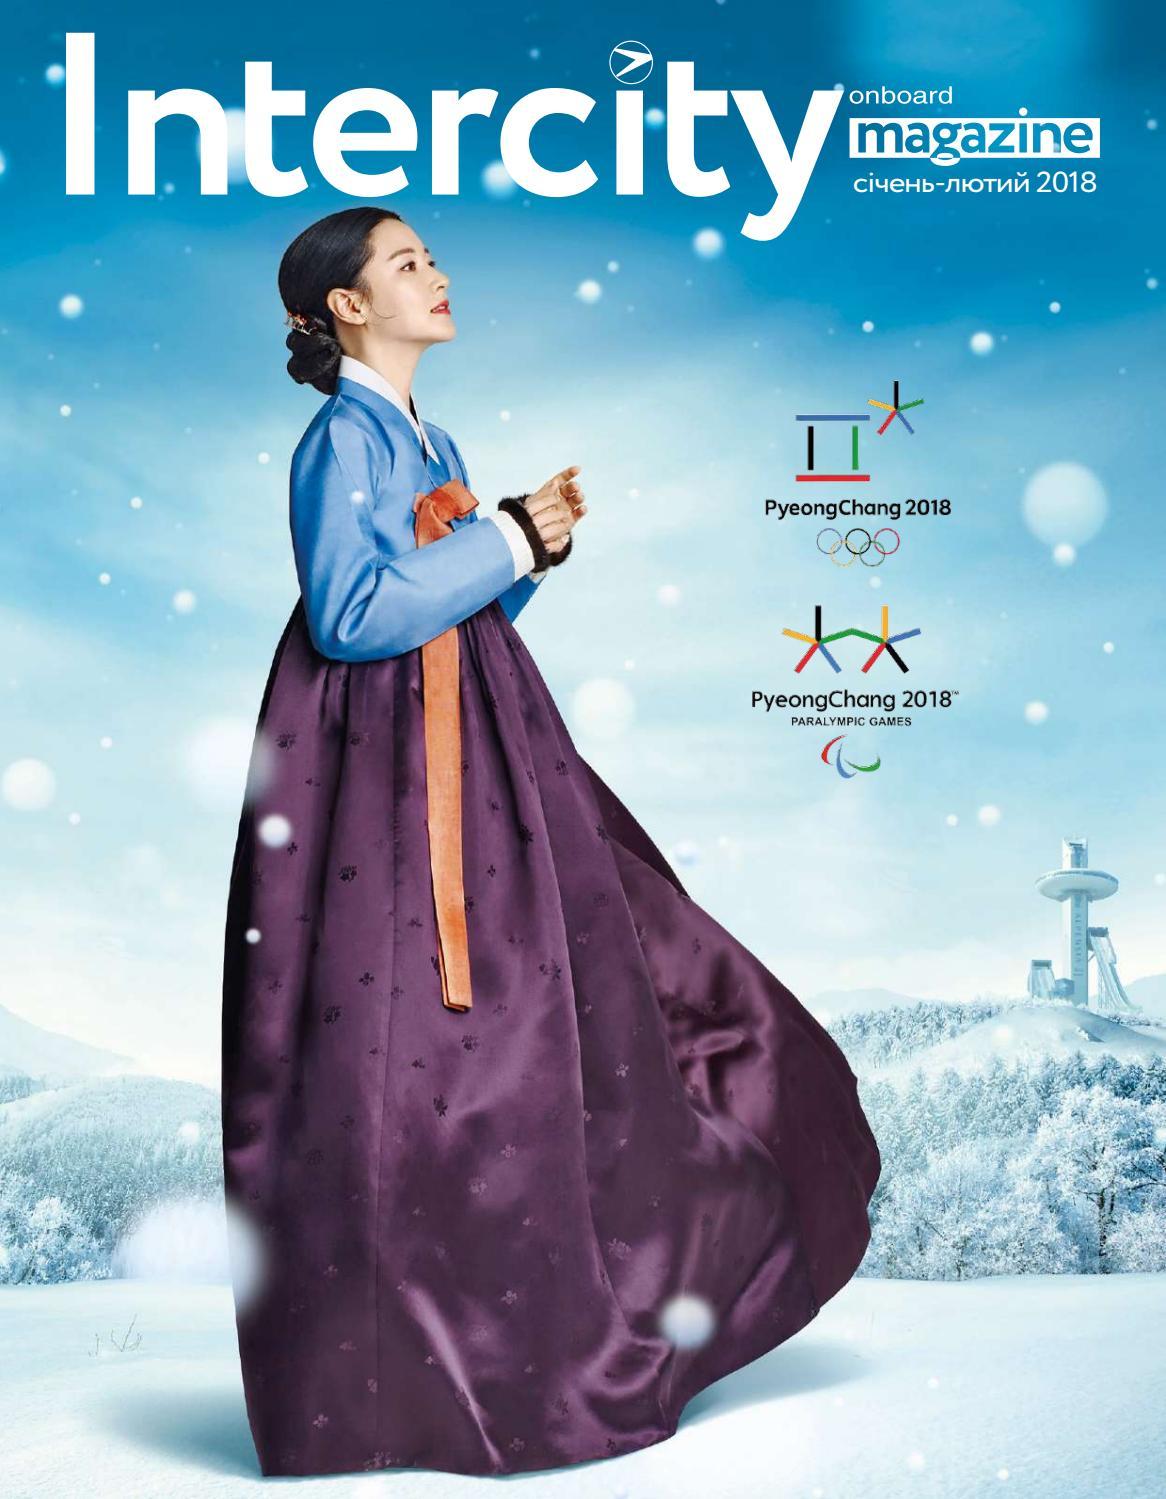 Intercity onboard magazine січень-лютий 2018 by ICOM - issuu 6fe1c8f38eb85